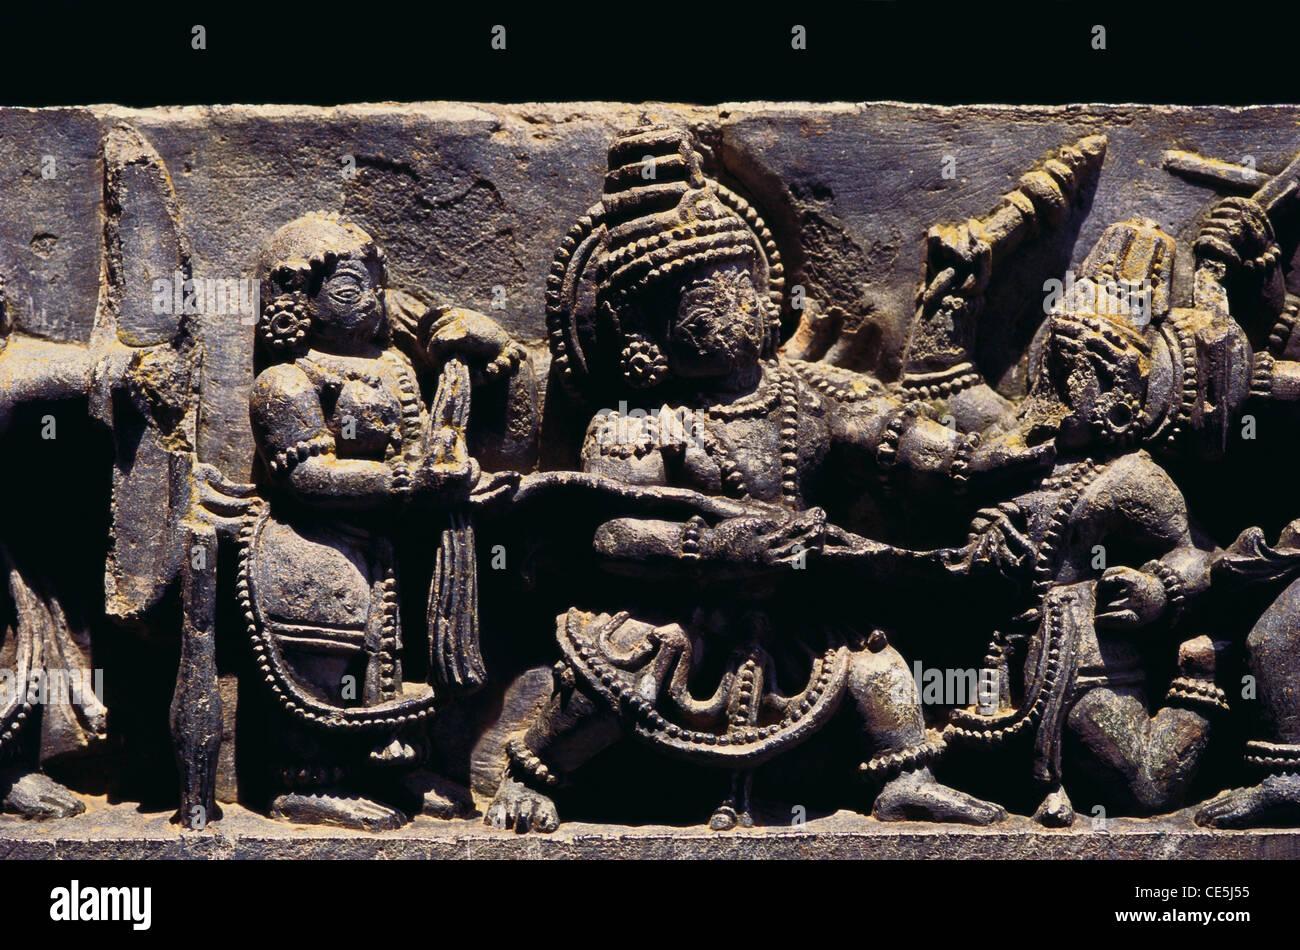 Dushyasana Vatha Bhima killing Dushyasana Mahabharata scene ; Hoysaleswara temple at Halebid ; Karnataka ; India - Stock Image